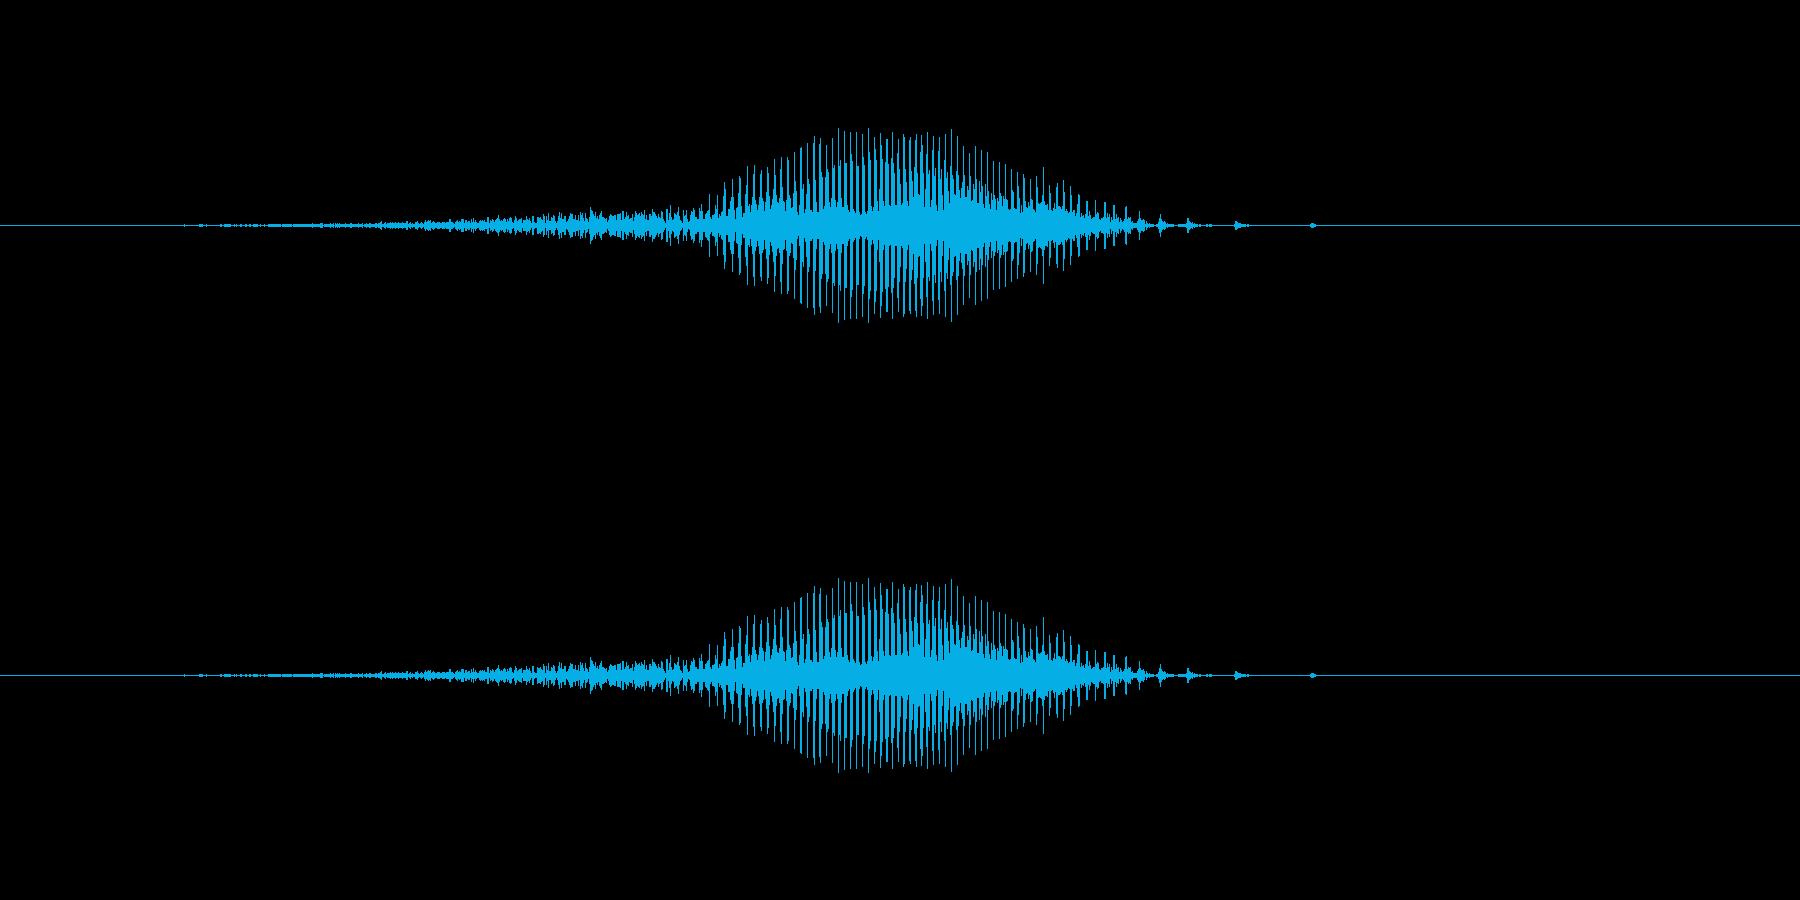 【デート・恋人】はい! - 2の再生済みの波形